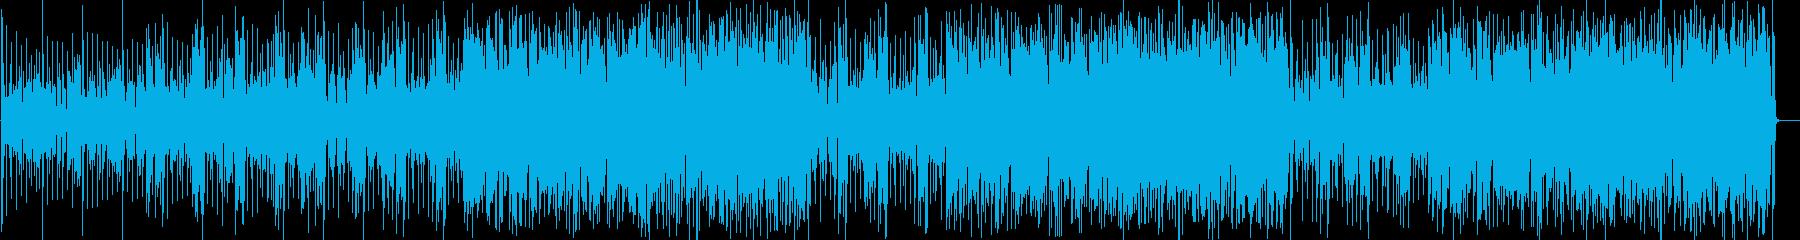 可愛らしいピアノのインスト曲の再生済みの波形